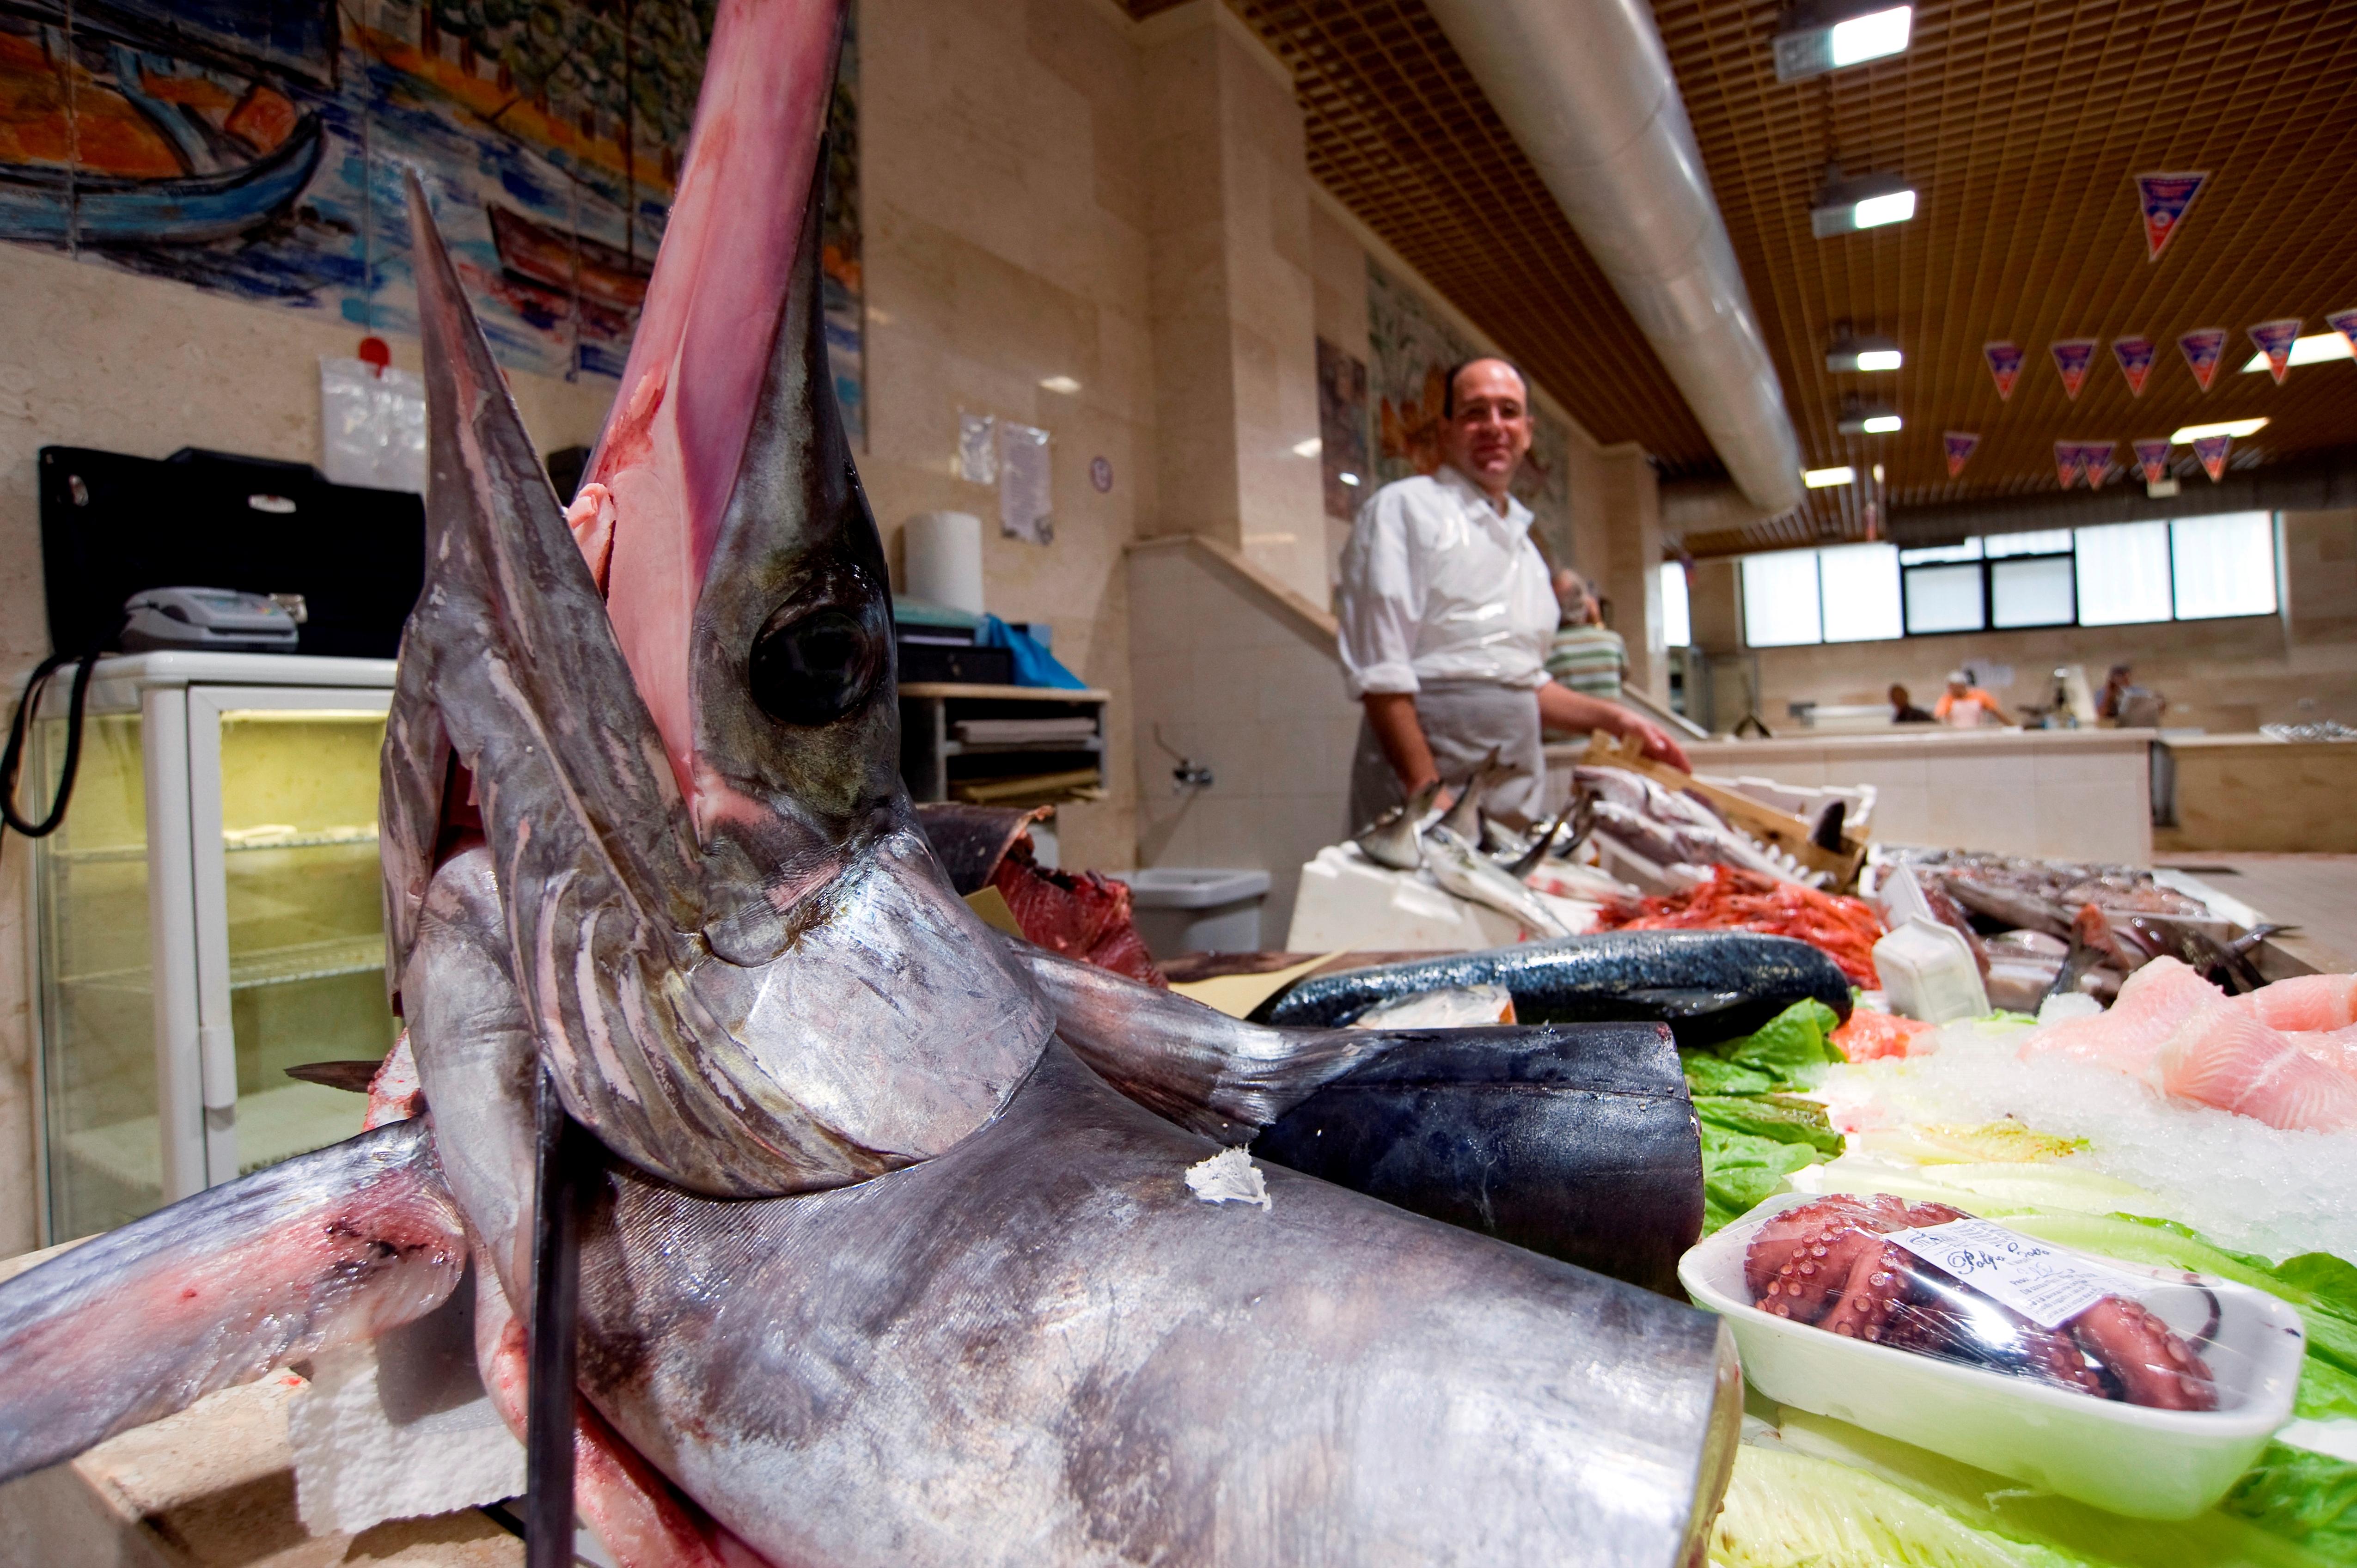 Mercato San Benedetto. Cagliari. Sardinia. Italy